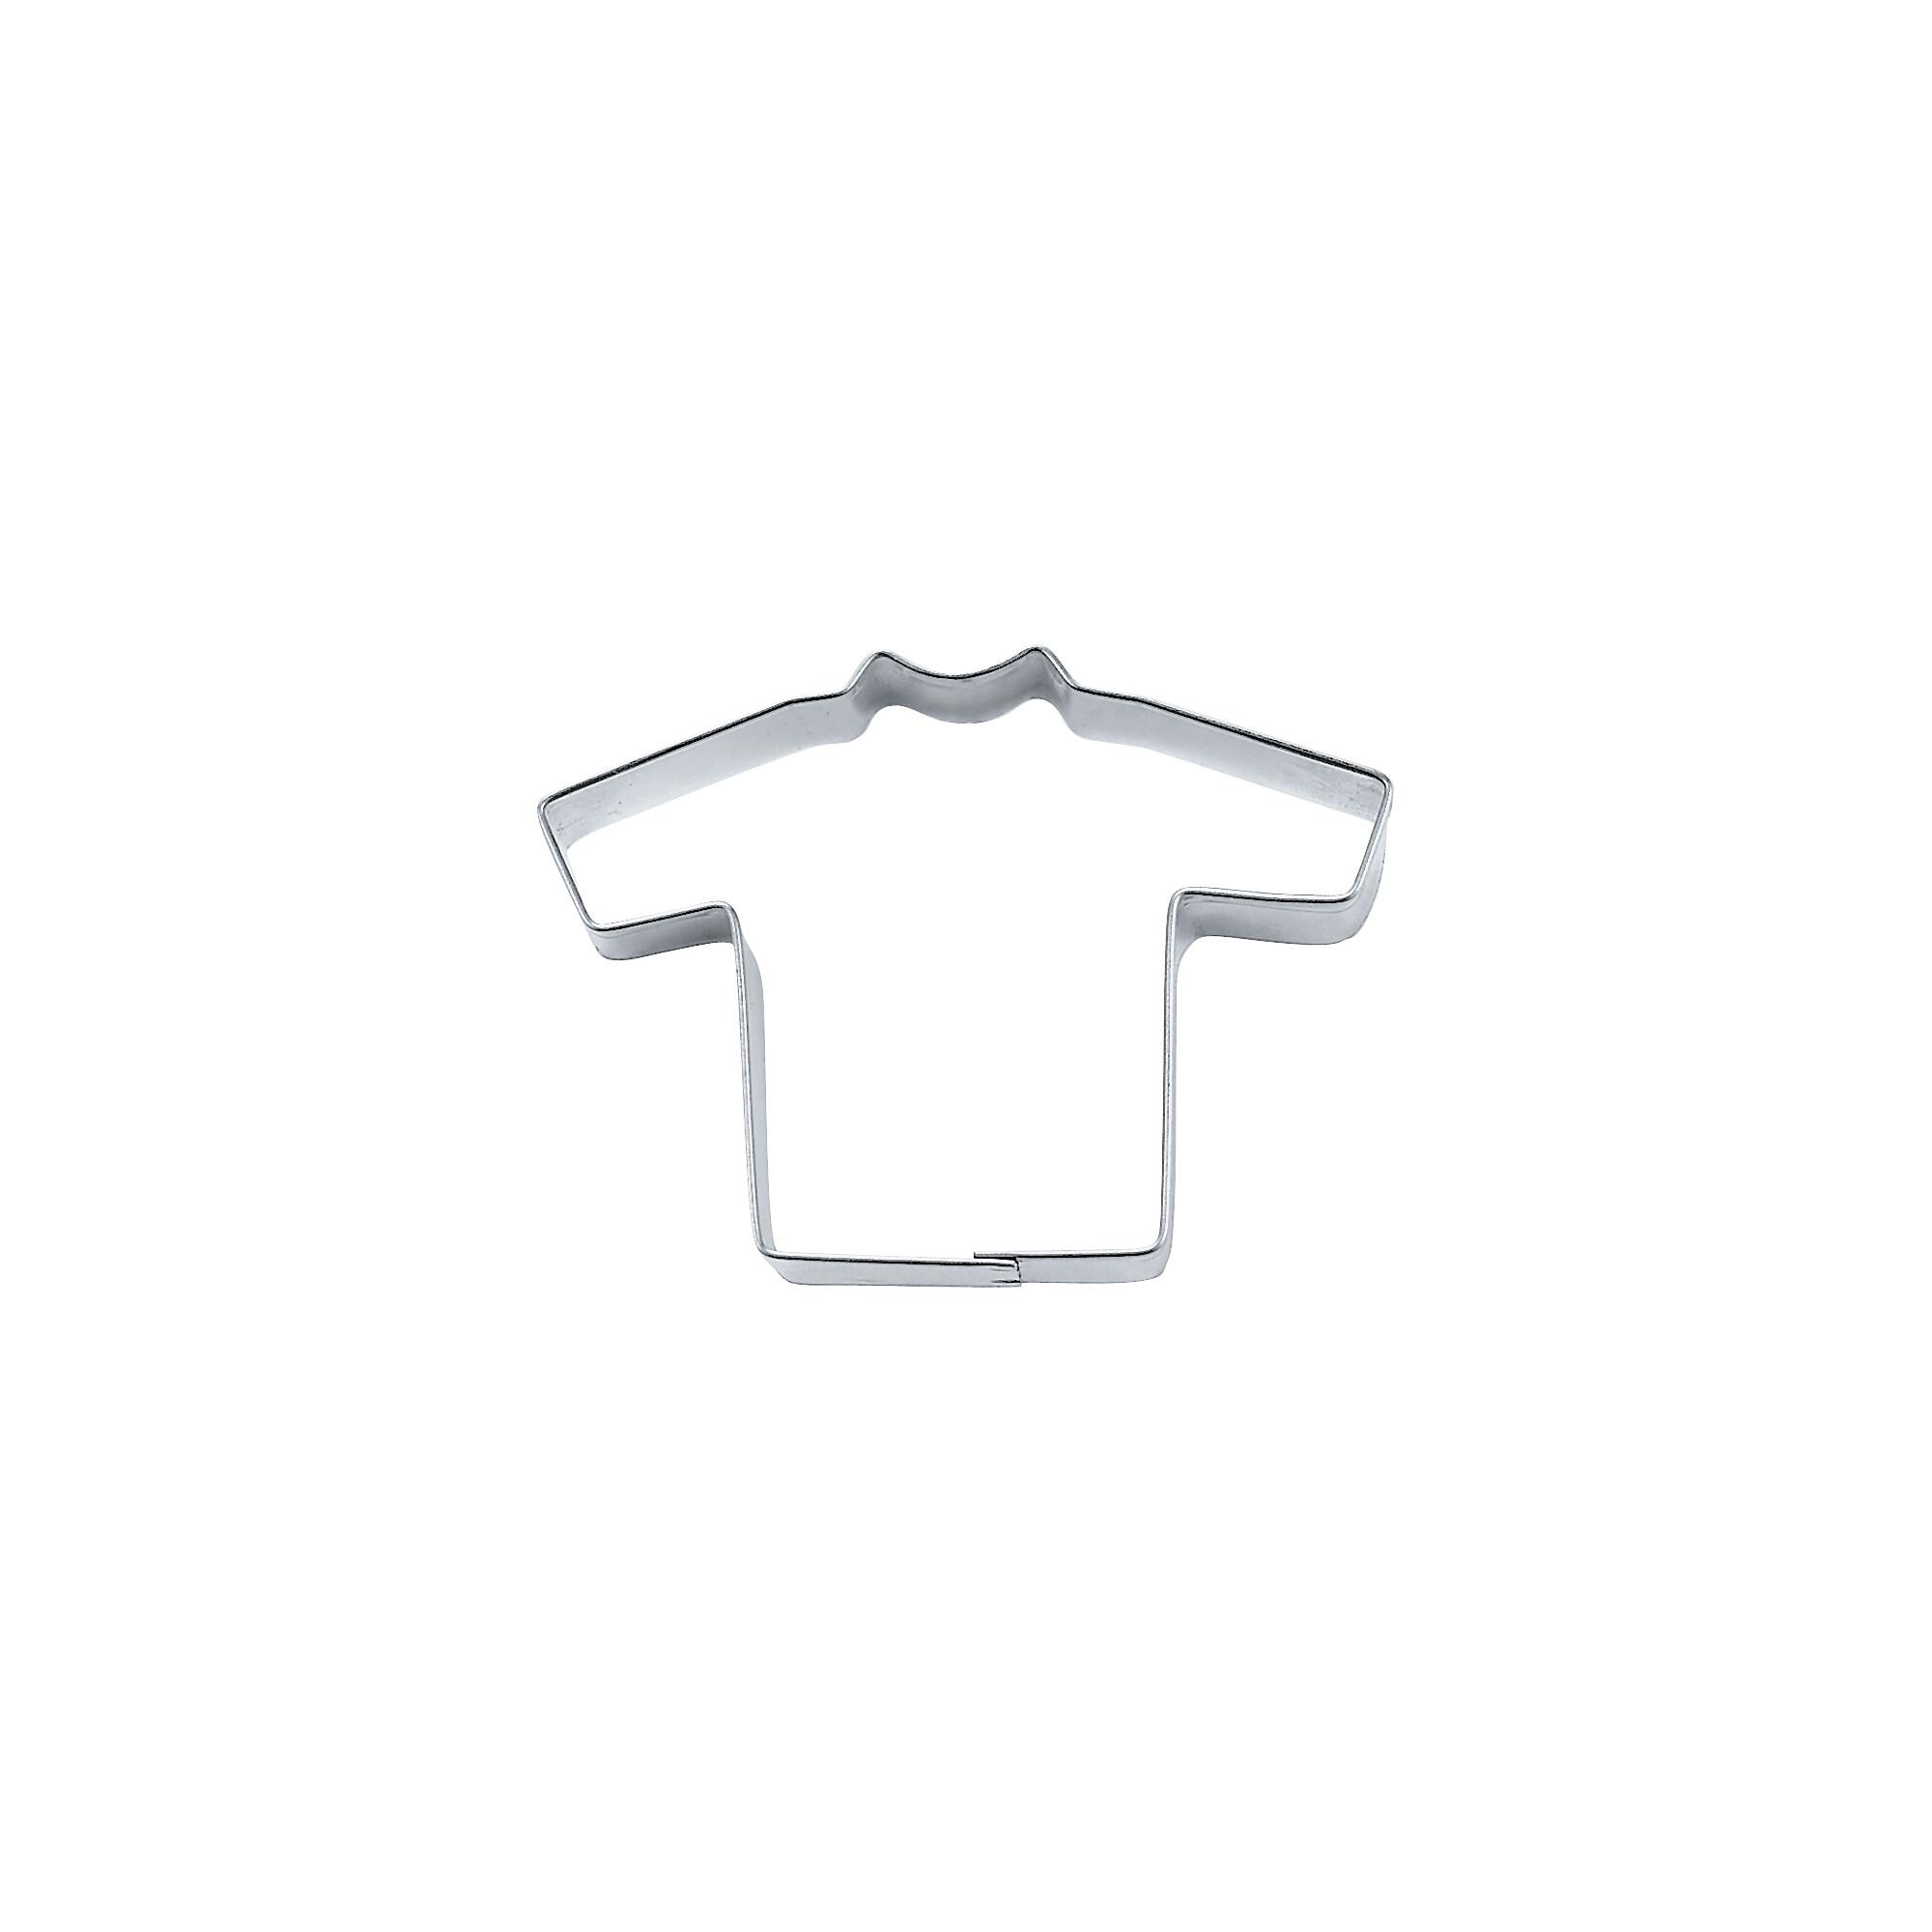 Ausstecher - Shirt / Trikot